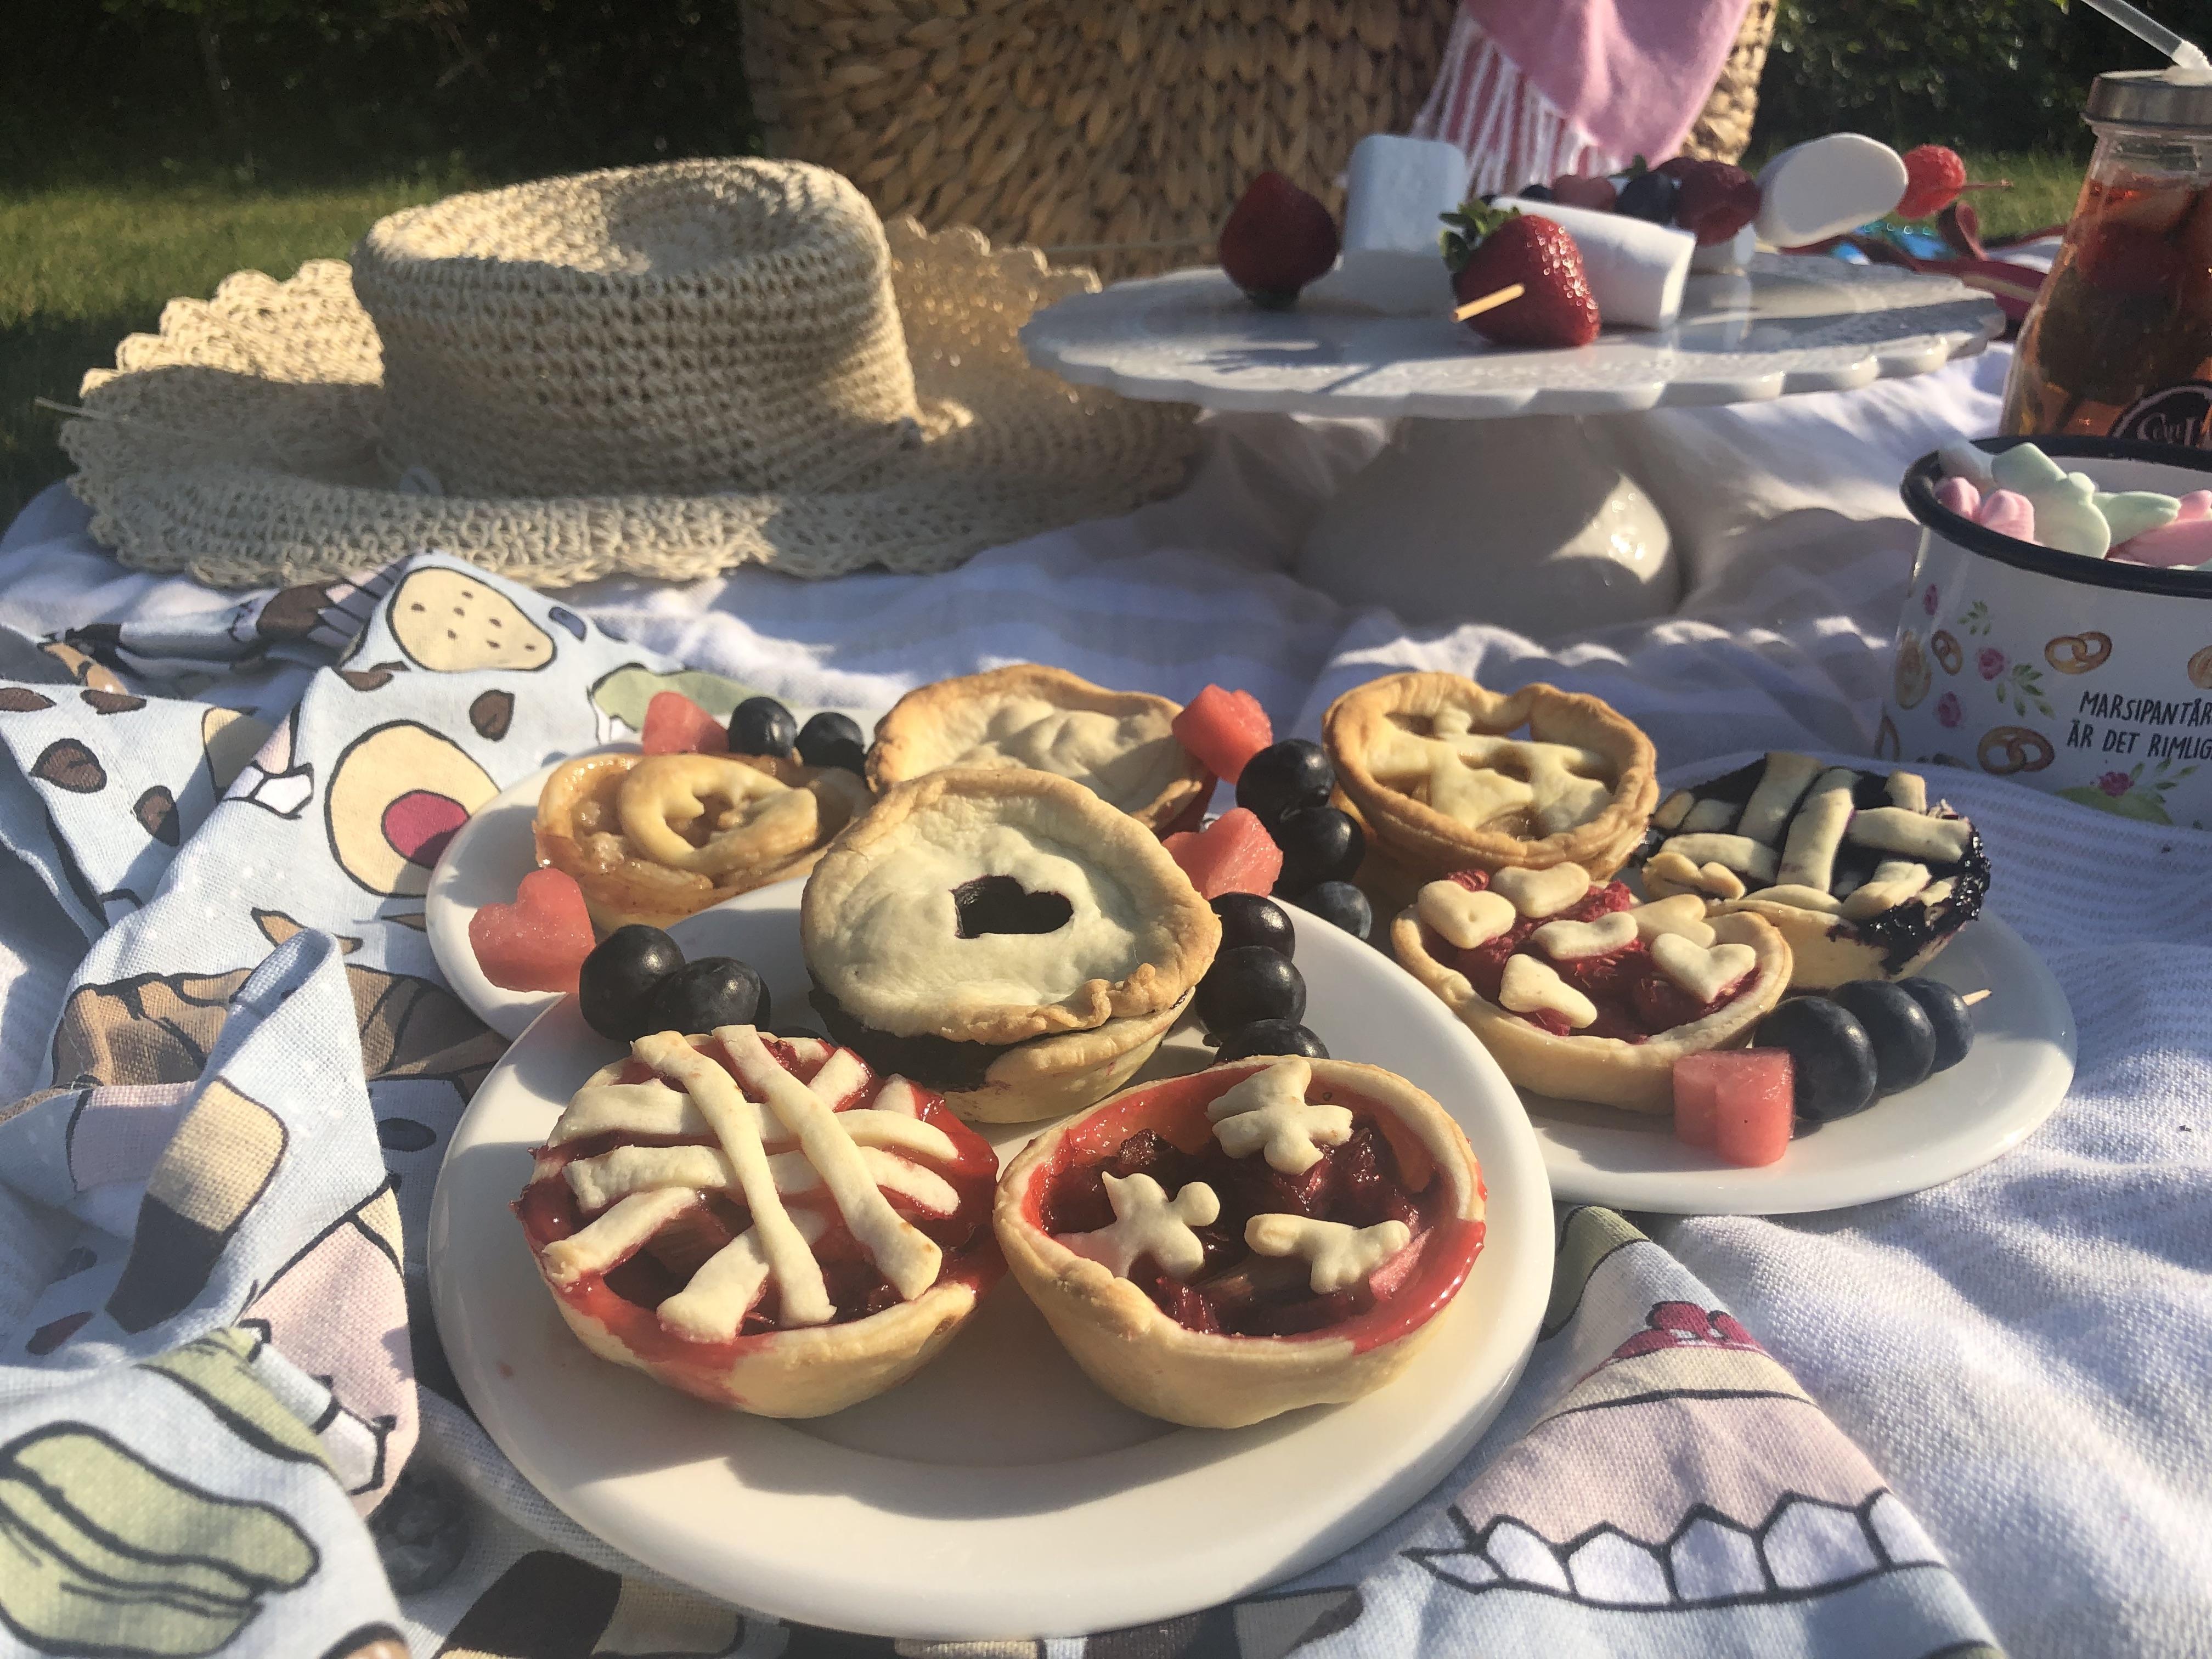 Portionspajer – perfekt på picknick – i samarbete med Våningen & Villan Nyköping